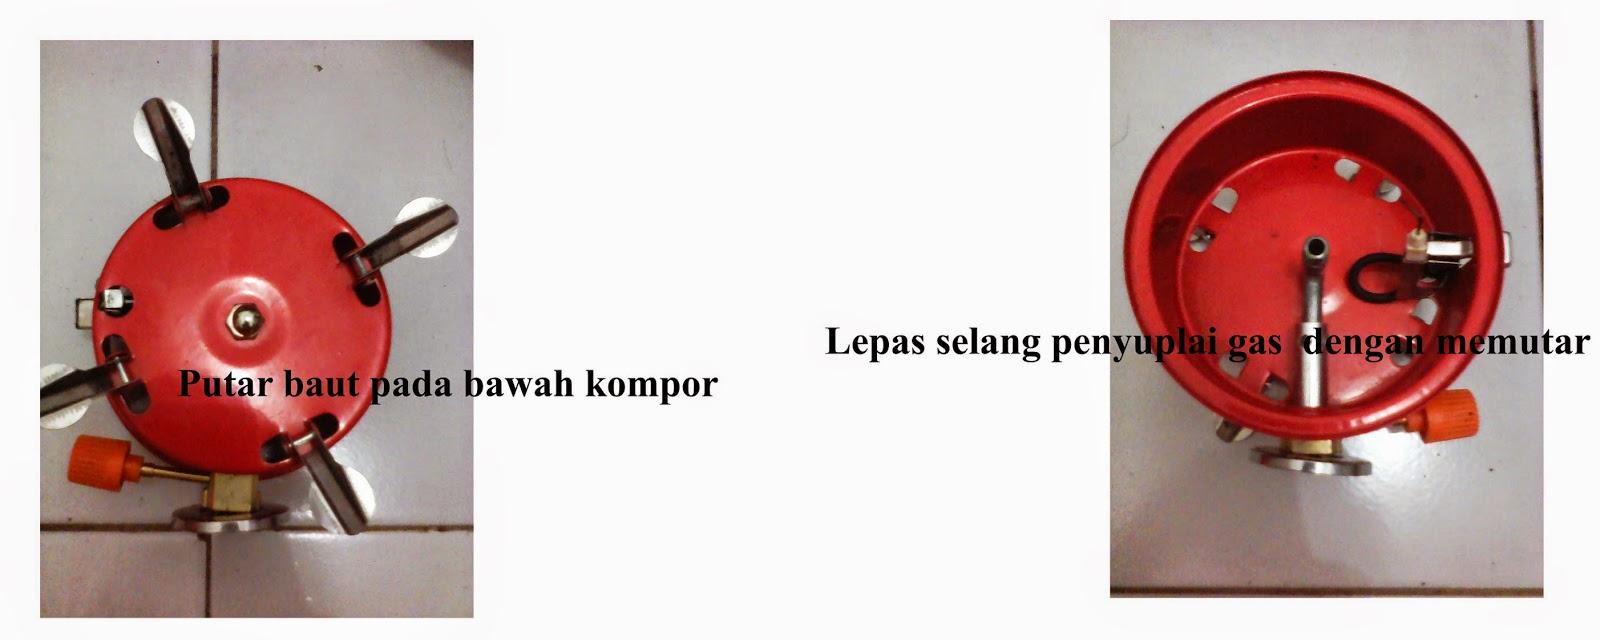 Pesona Indonesia Pendakian Gunung Dan Backpacking Cara Merawat Kompor Kembang Windproof Memperbaiki Lapangan Gas Atau Camping Stove